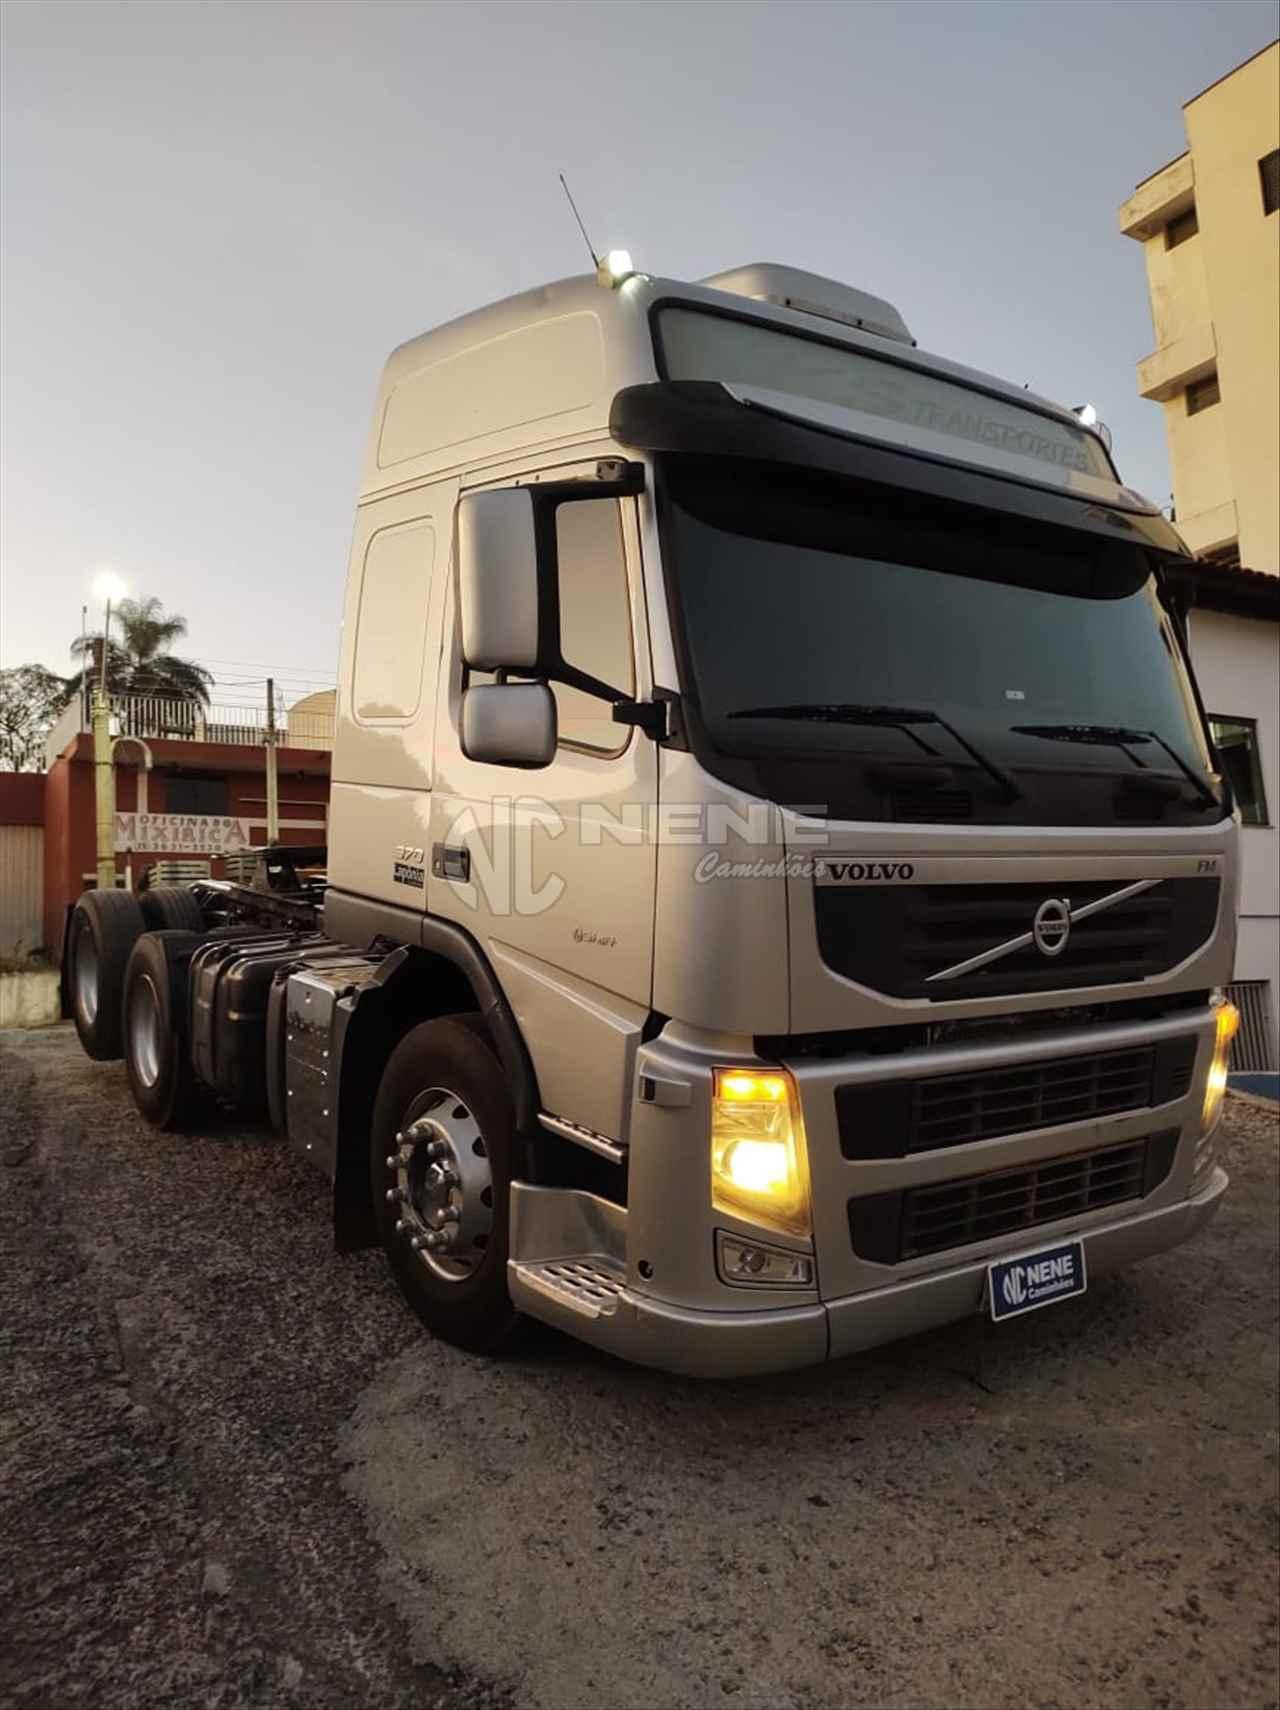 CAMINHAO VOLVO VOLVO FM 370 Cavalo Mecânico Truck 6x2 Nene Caminhões SAO JOAO DA BOA VISTA SÃO PAULO SP